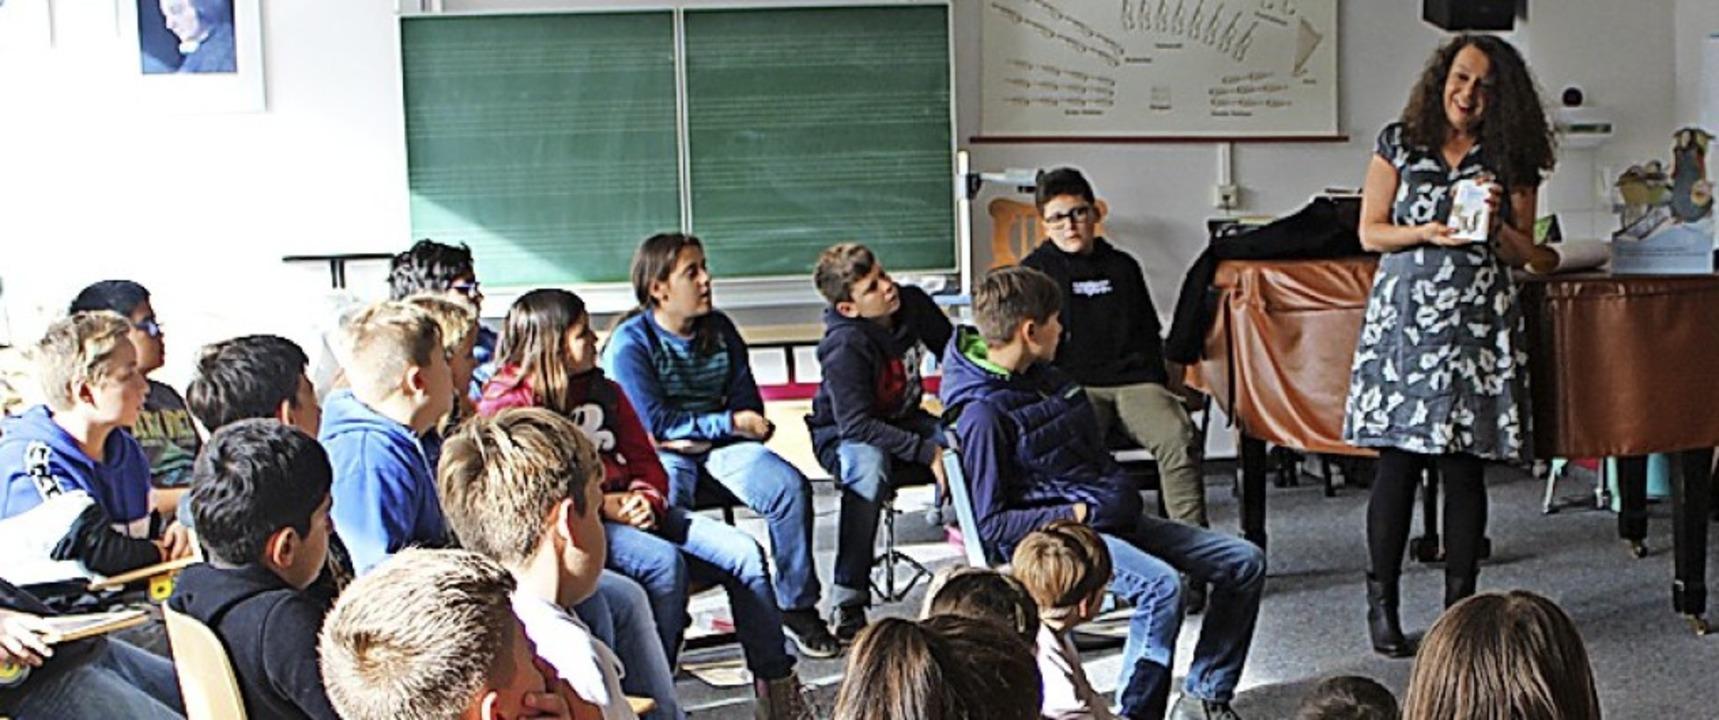 Kinderbuchautorin und Lesepatin Heidi ...ftsschule Oberes Wiesental in Schönau.  | Foto: Privat